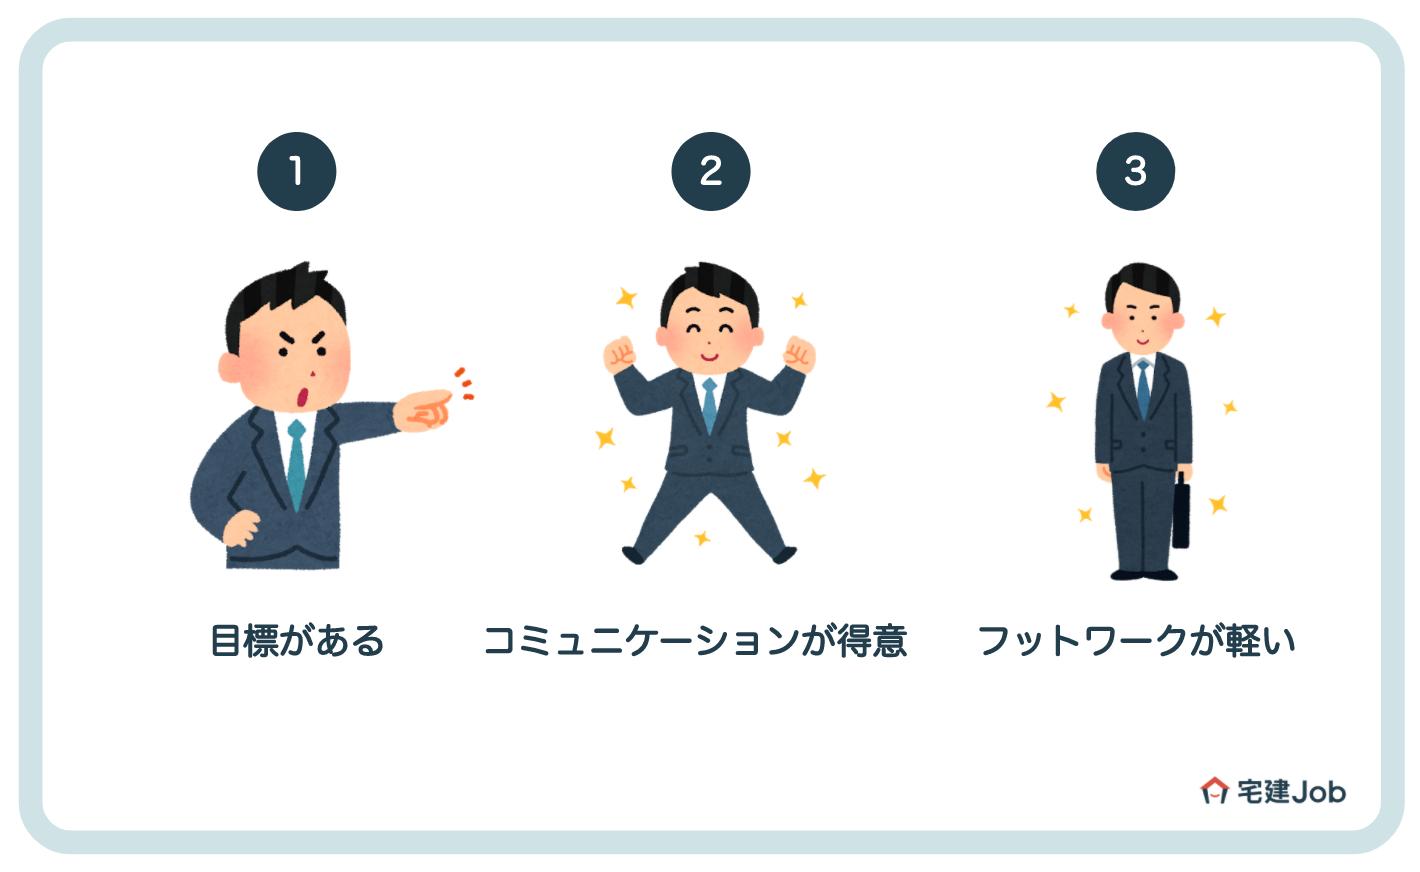 4.実力次第で稼げる「営業職」に向いている人